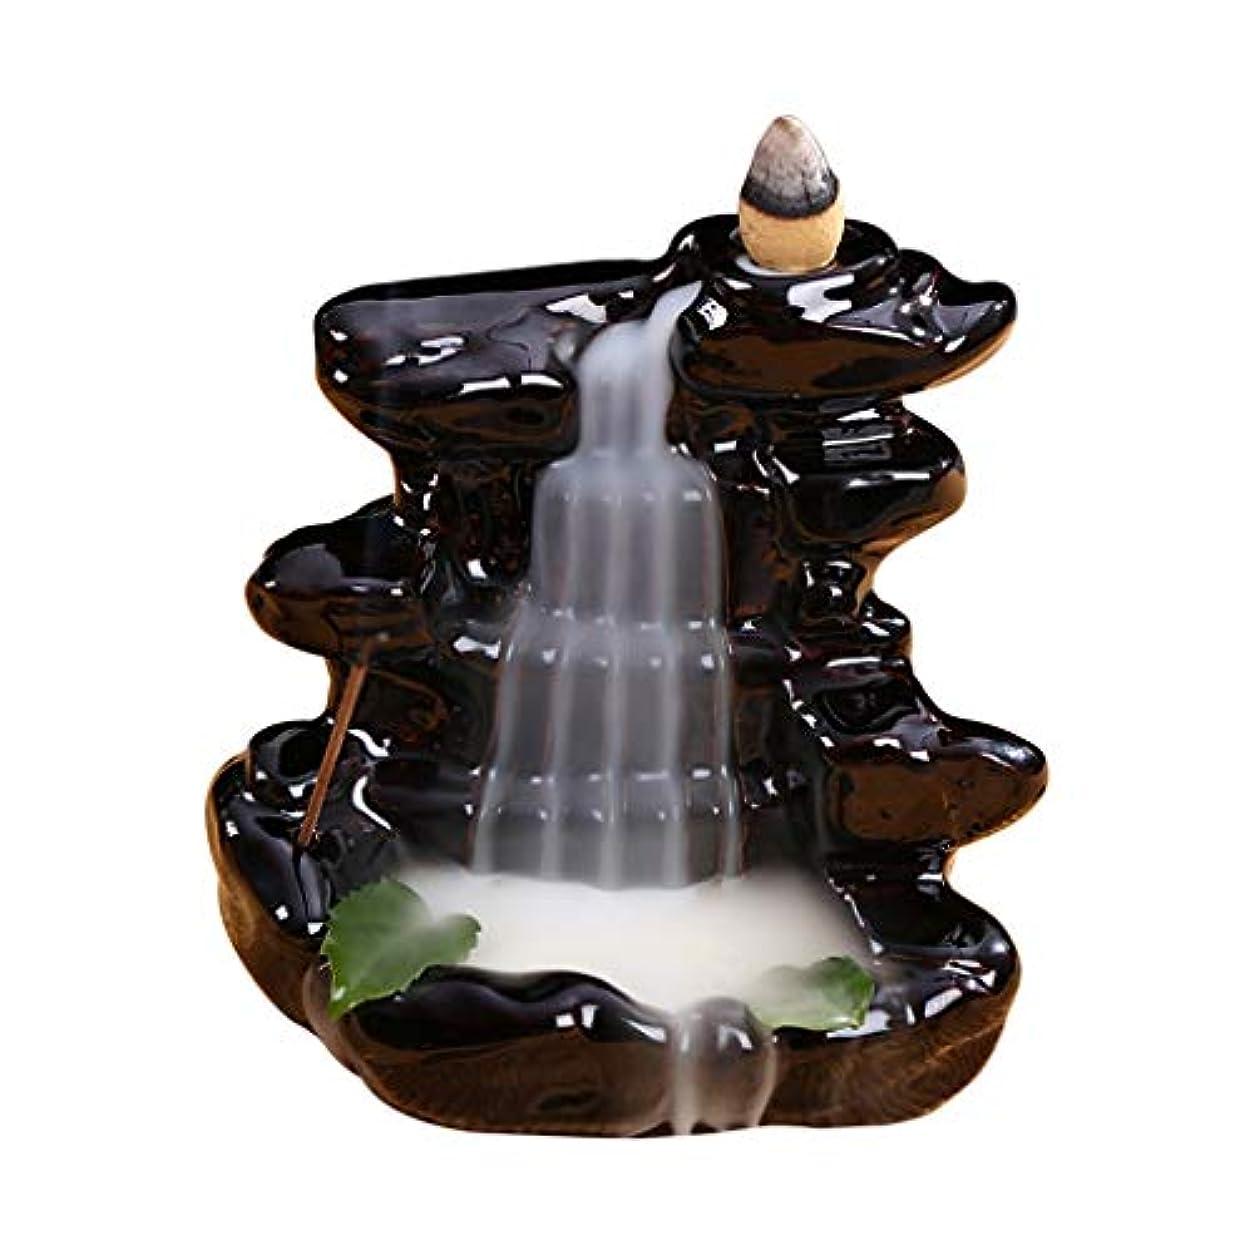 割り当て馬鹿ソース芳香器?アロマバーナー クリエイティブ家の装飾逆流スティック香バーナーセラミック香炉家の装飾家での使用茶店 芳香器?アロマバーナー